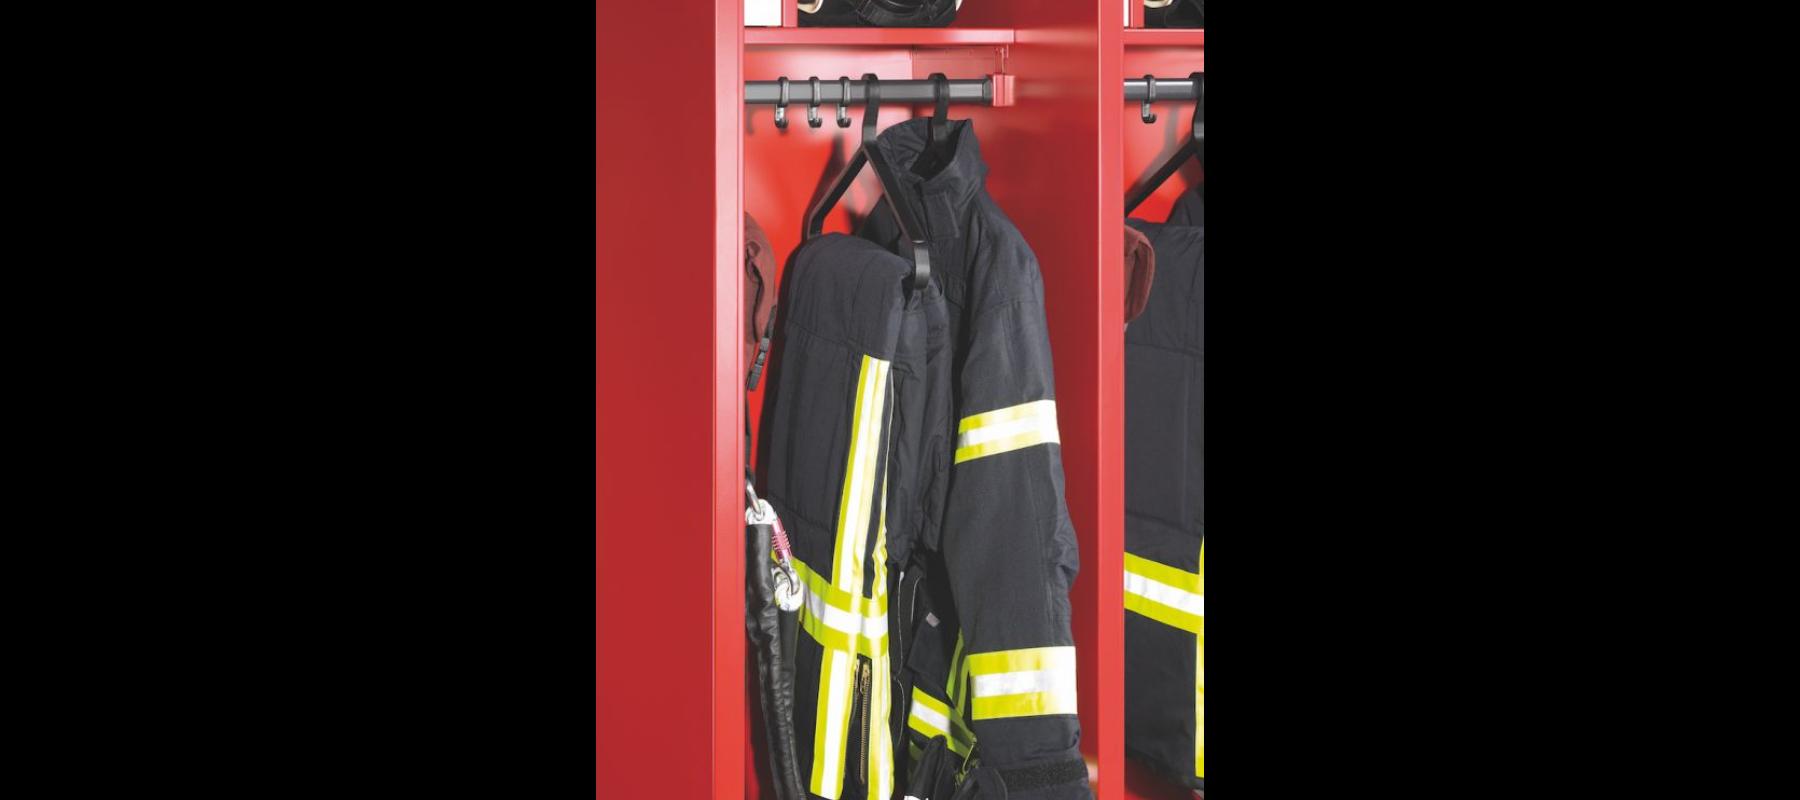 szatnie szafy strażackie cp detale - 01